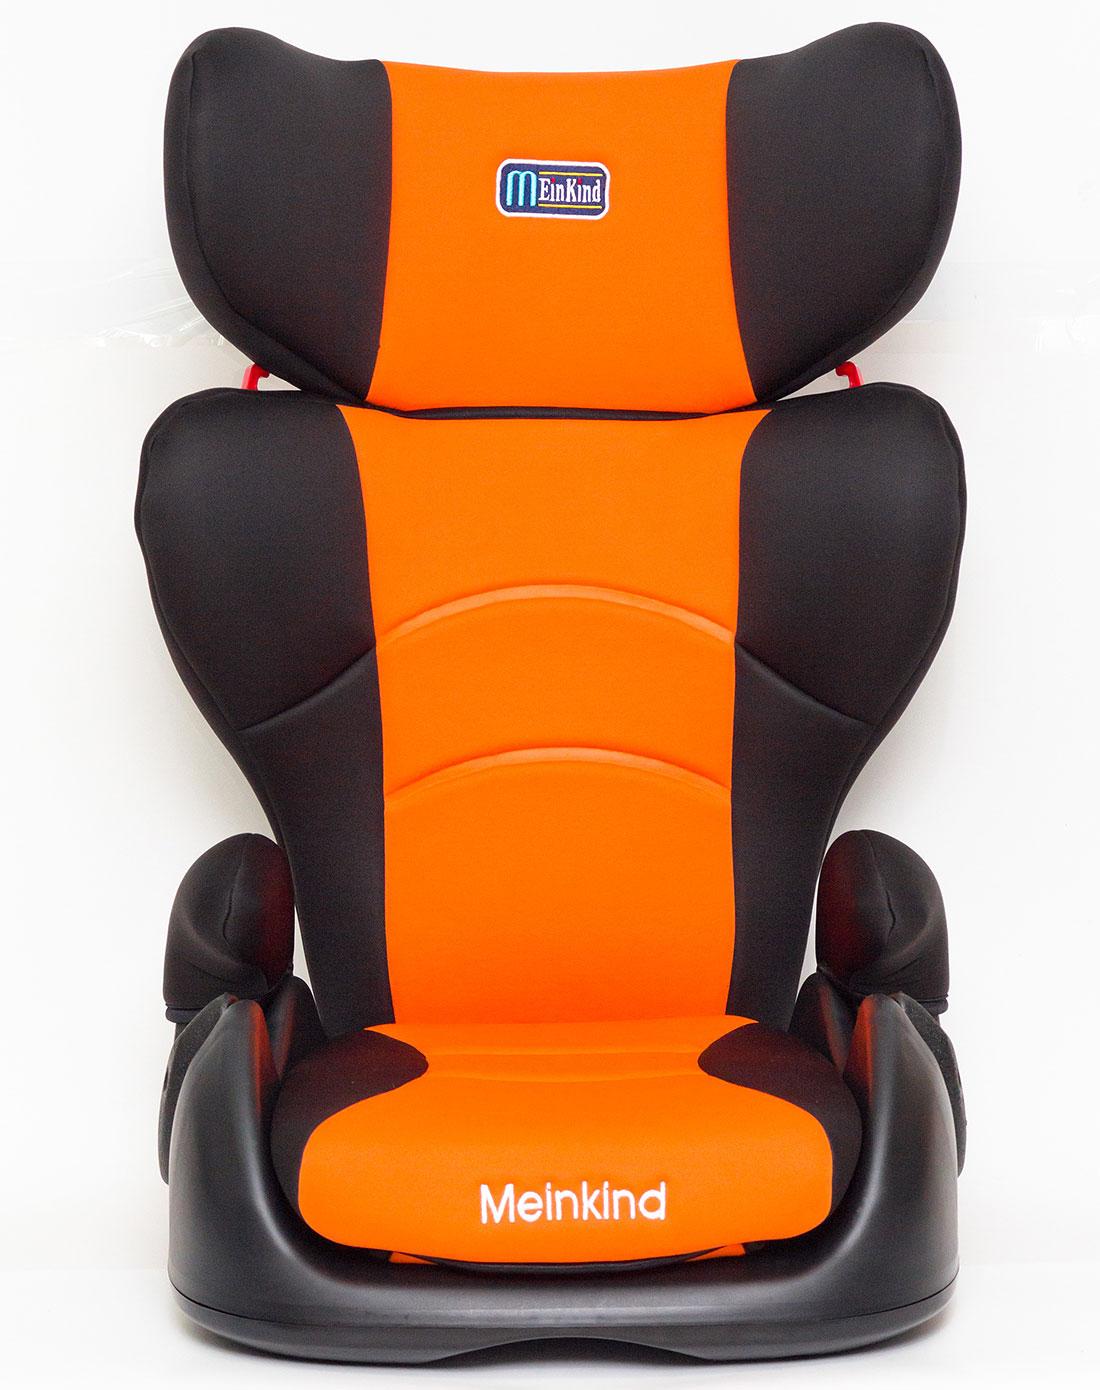 麦凯meinkind座椅儿童汽车安全座椅4-12岁mk518-3b